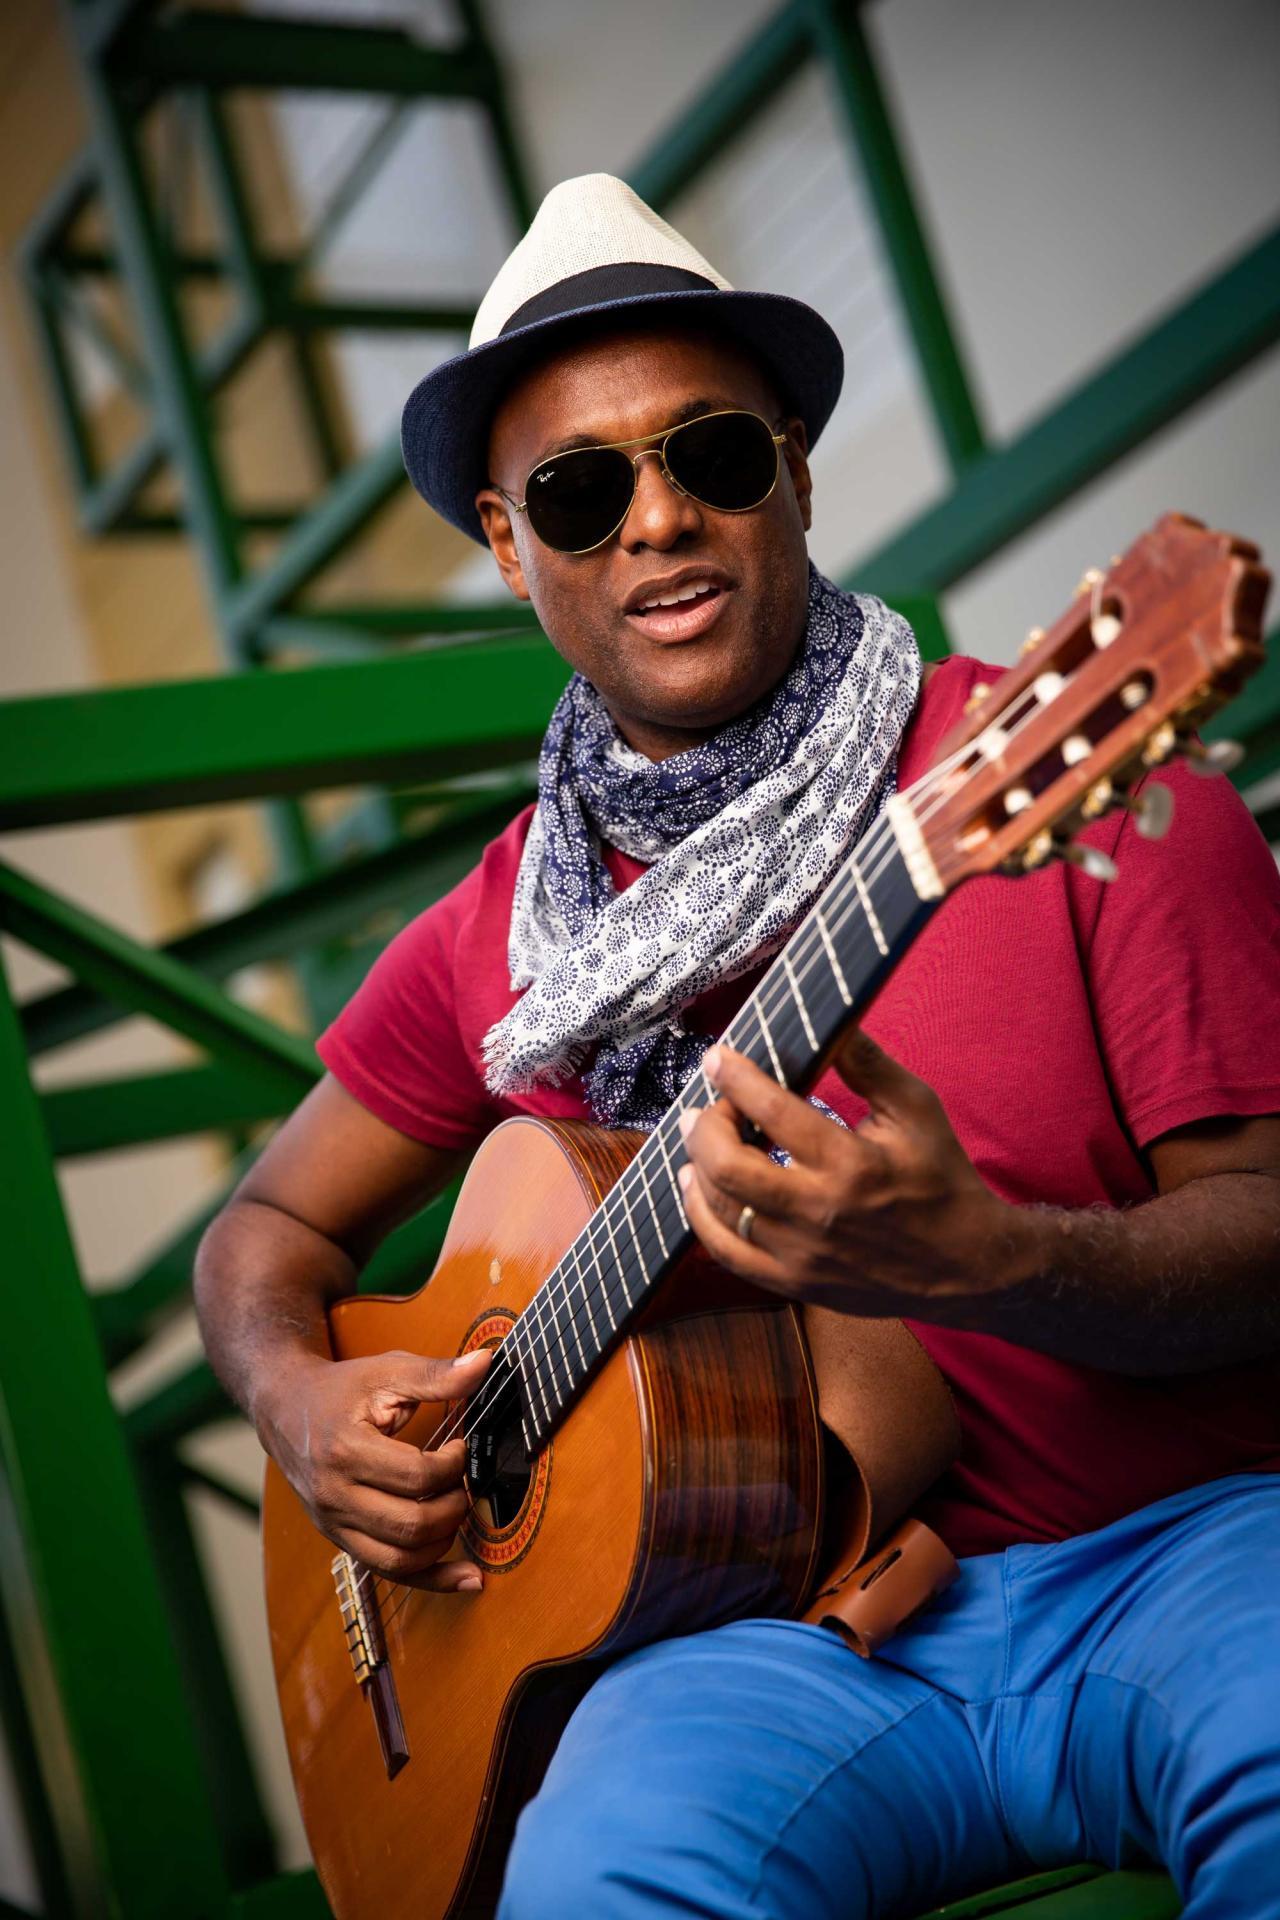 Fred guitare close